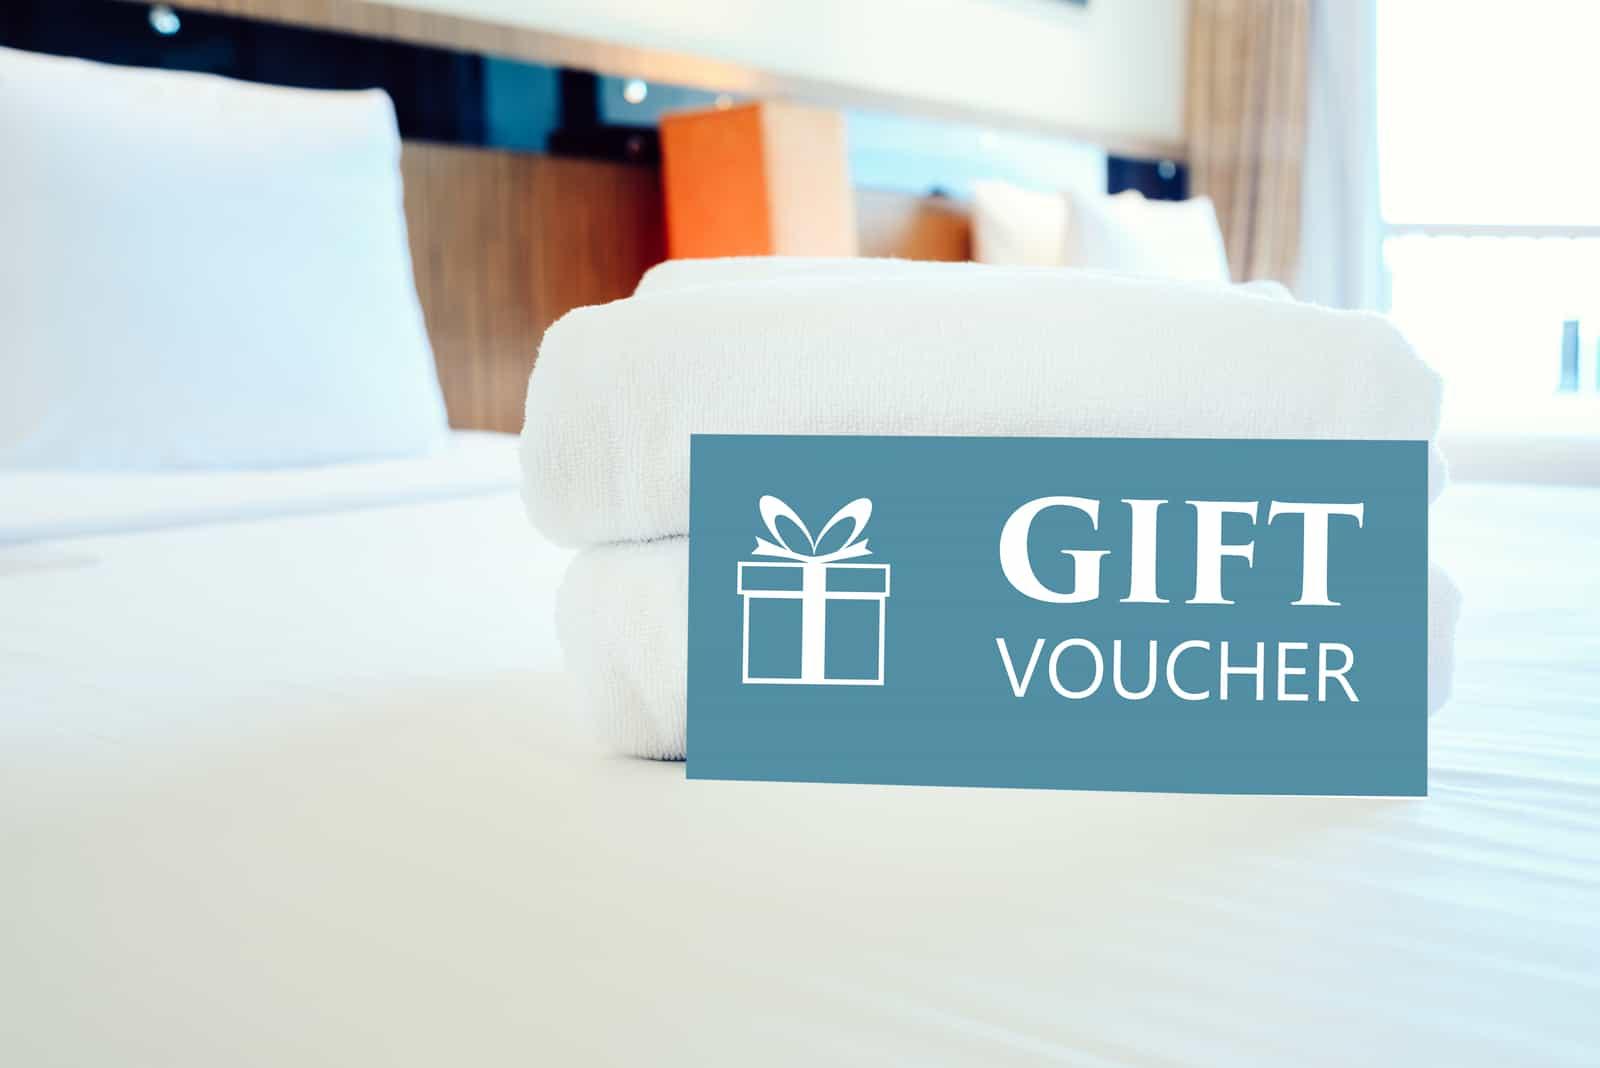 Geschenkgutscheinkarte in einem Hotelzimmerbett mit weißem Handtuch.